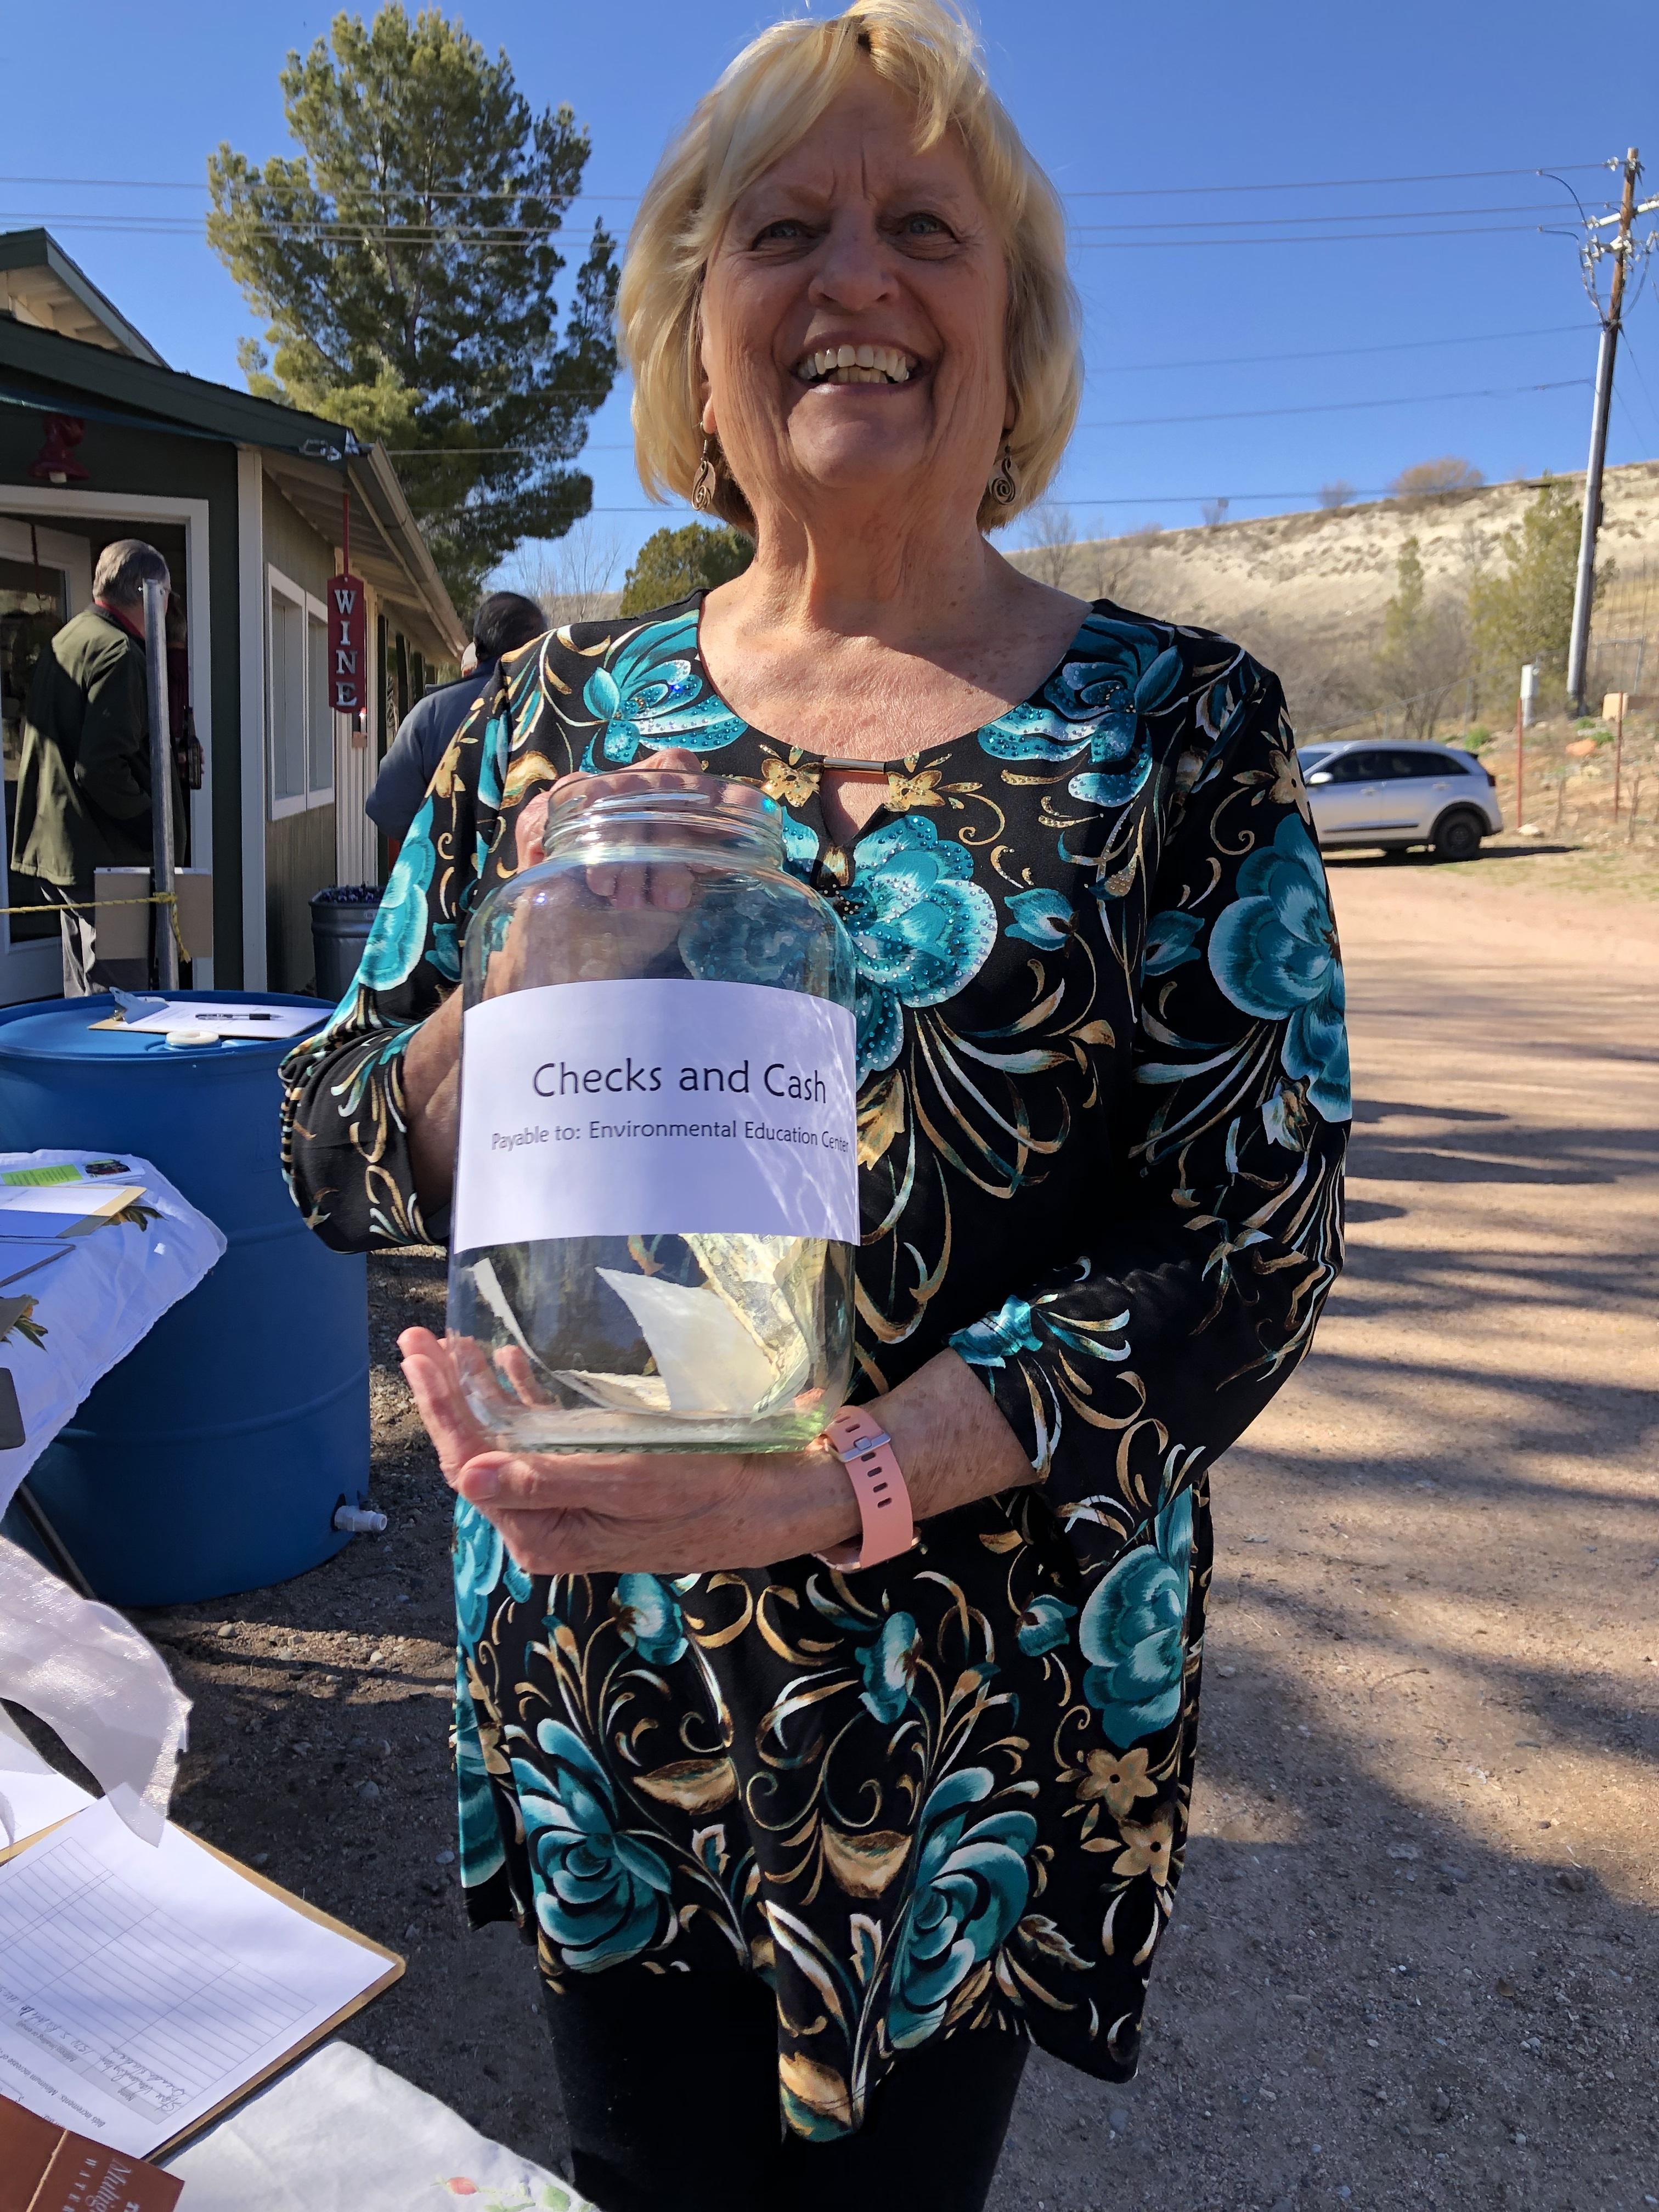 Brenda Fundraising